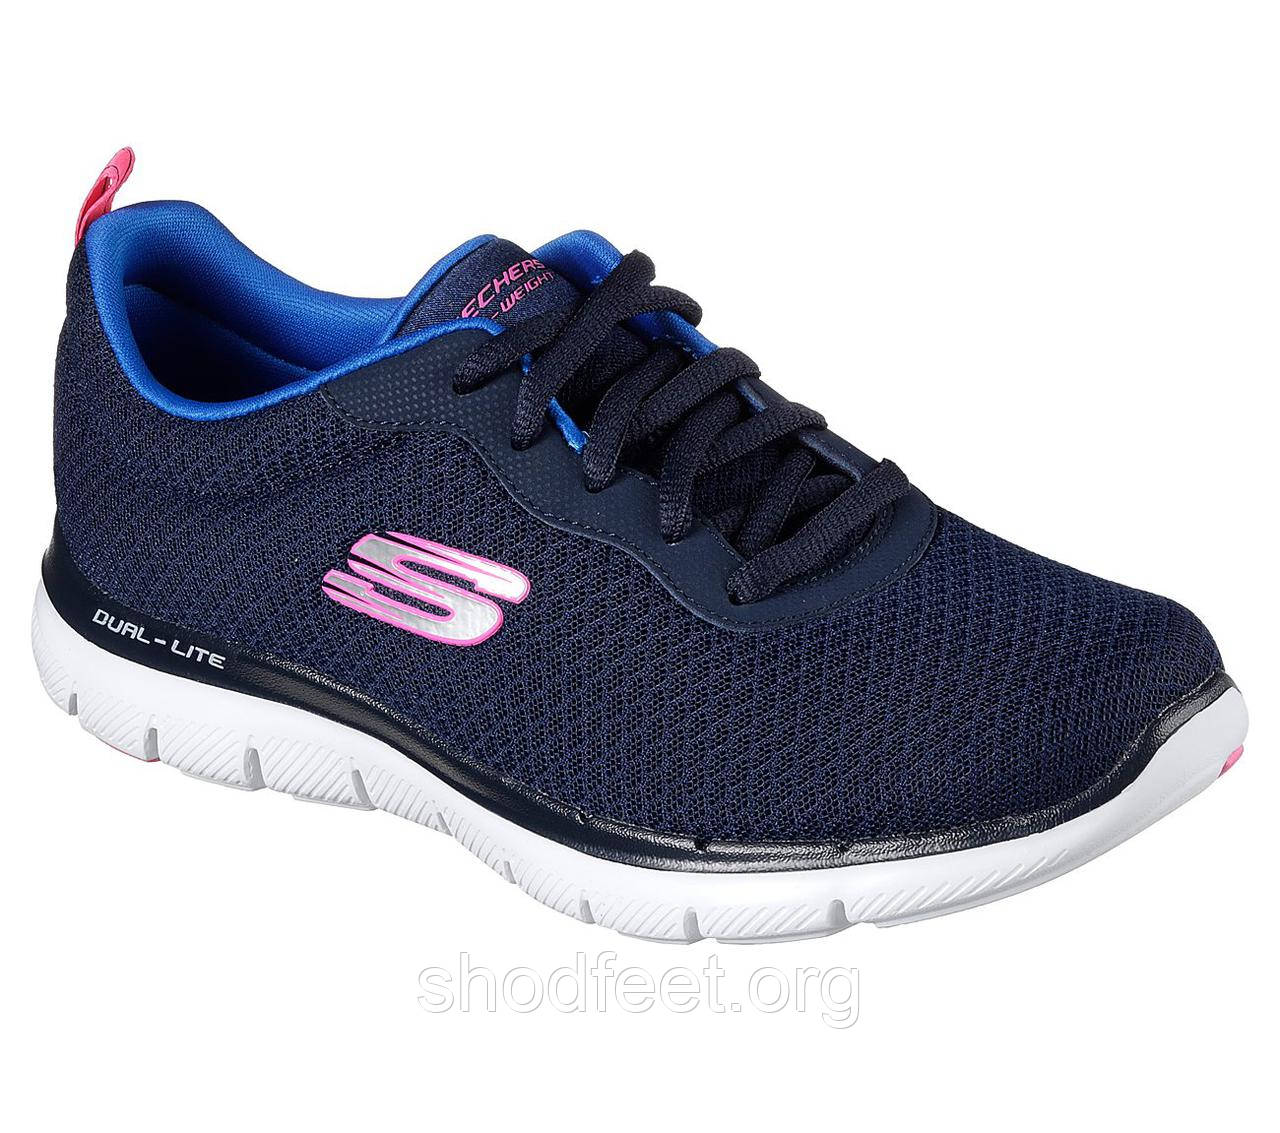 Жіночі кросівки Skechers Flex Appeal 2.0 12775-NVY